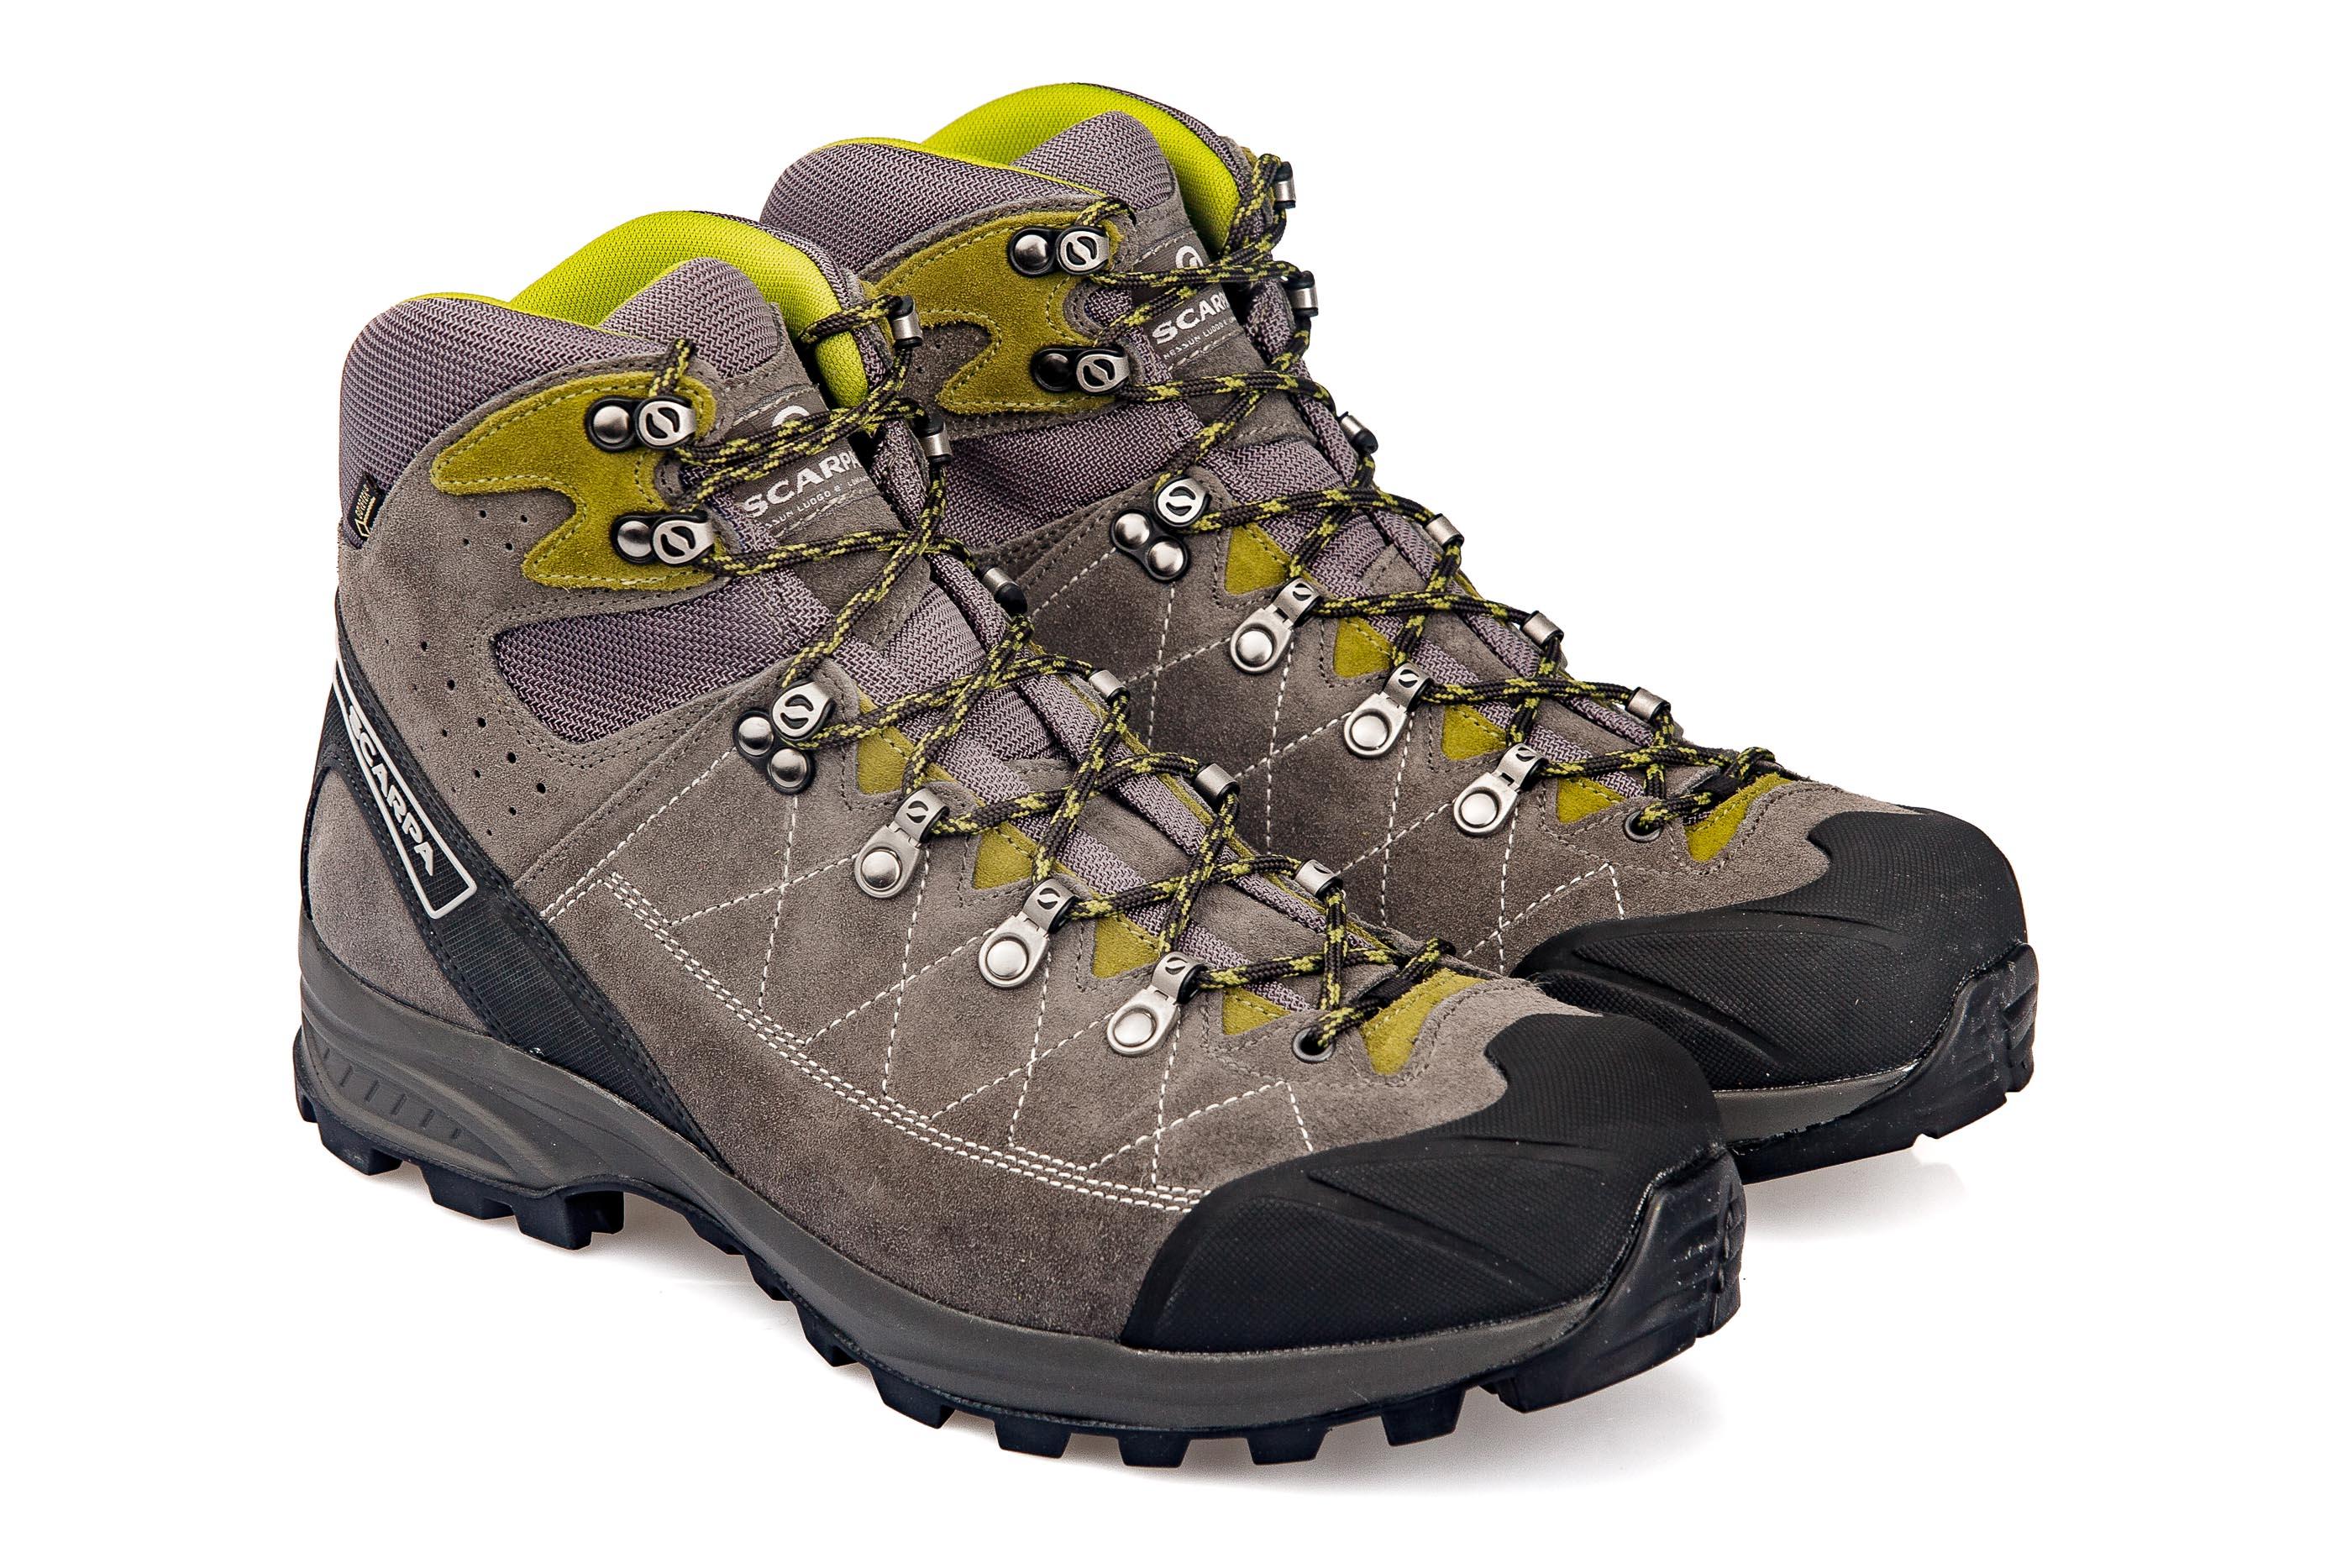 Ботинки KAILASH TREK GTX Scarpa — фото 4